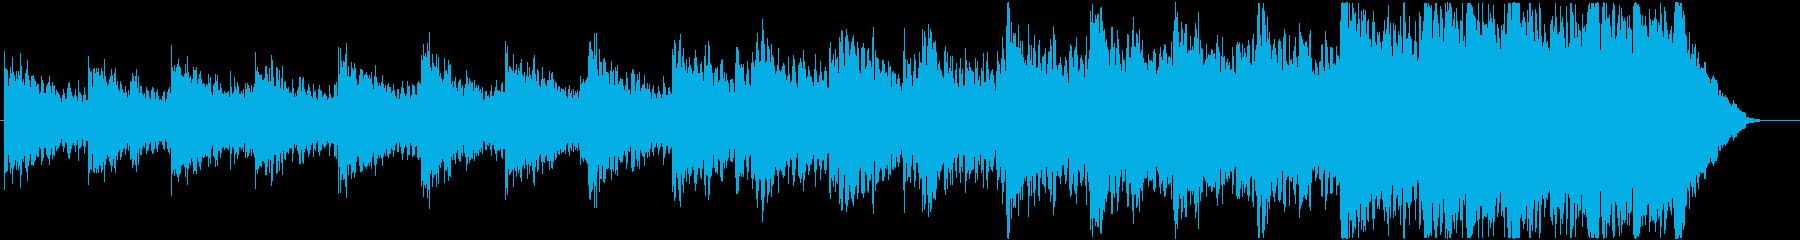 緊迫感のあるシネマティックBGMの再生済みの波形